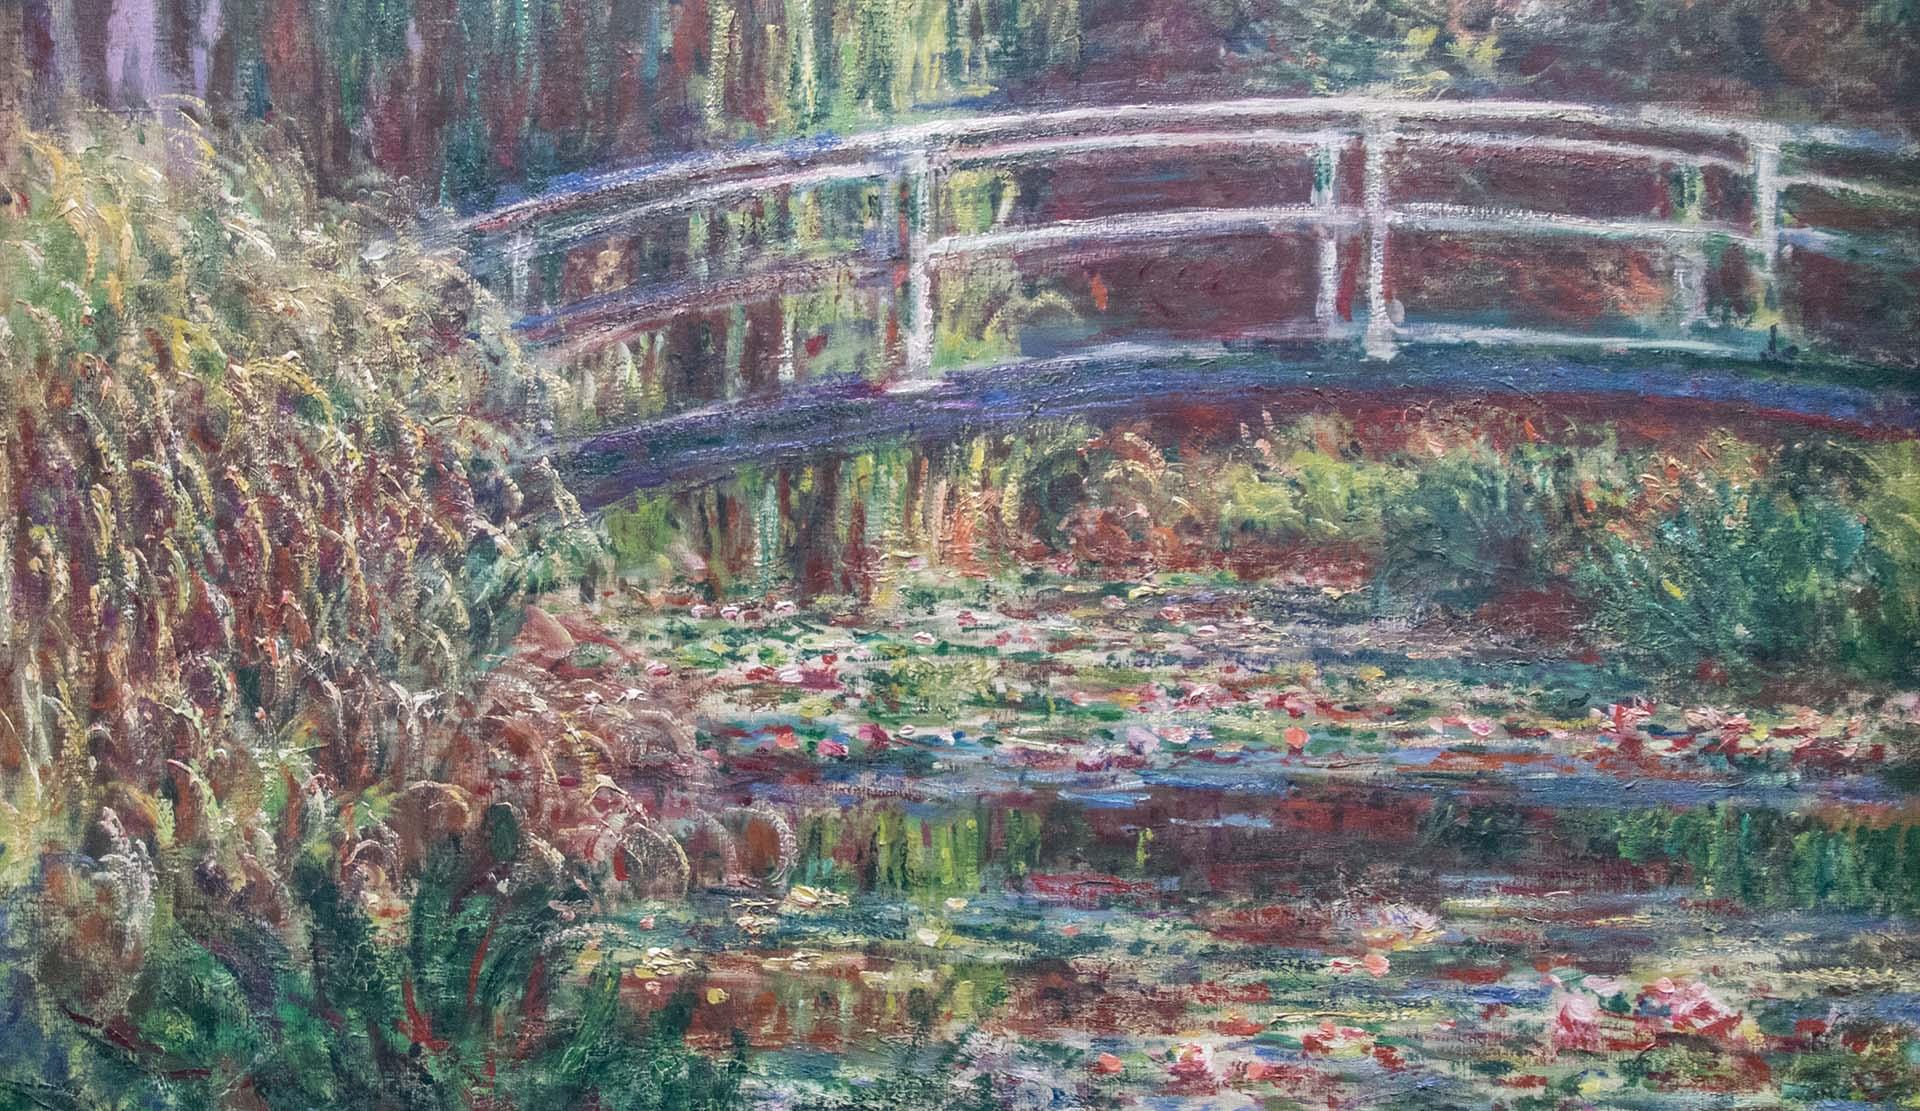 Claude Monet, detail of Le bassin aux nymphéas